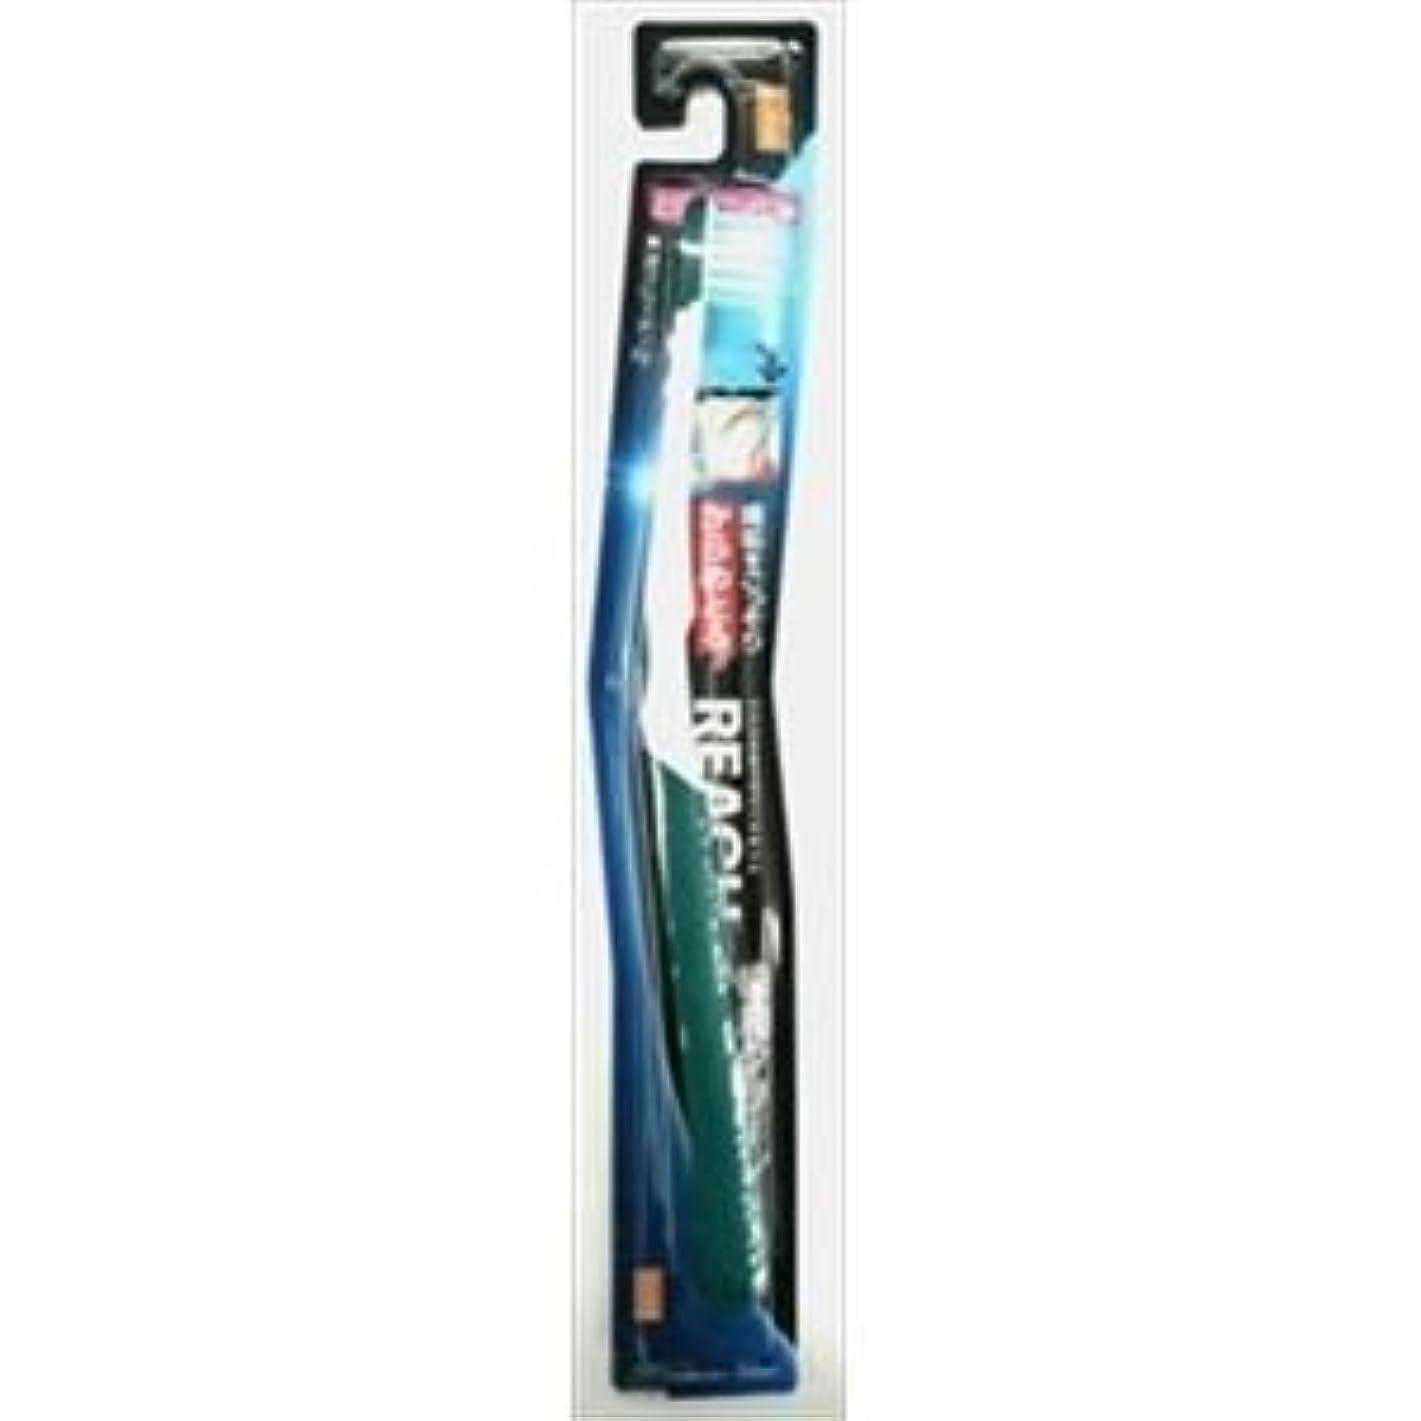 (まとめ)銀座ステファニー リーチ歯ブラシ リーチ 歯周クリーン とってもコンパクト やわらかめ 【×5点セット】